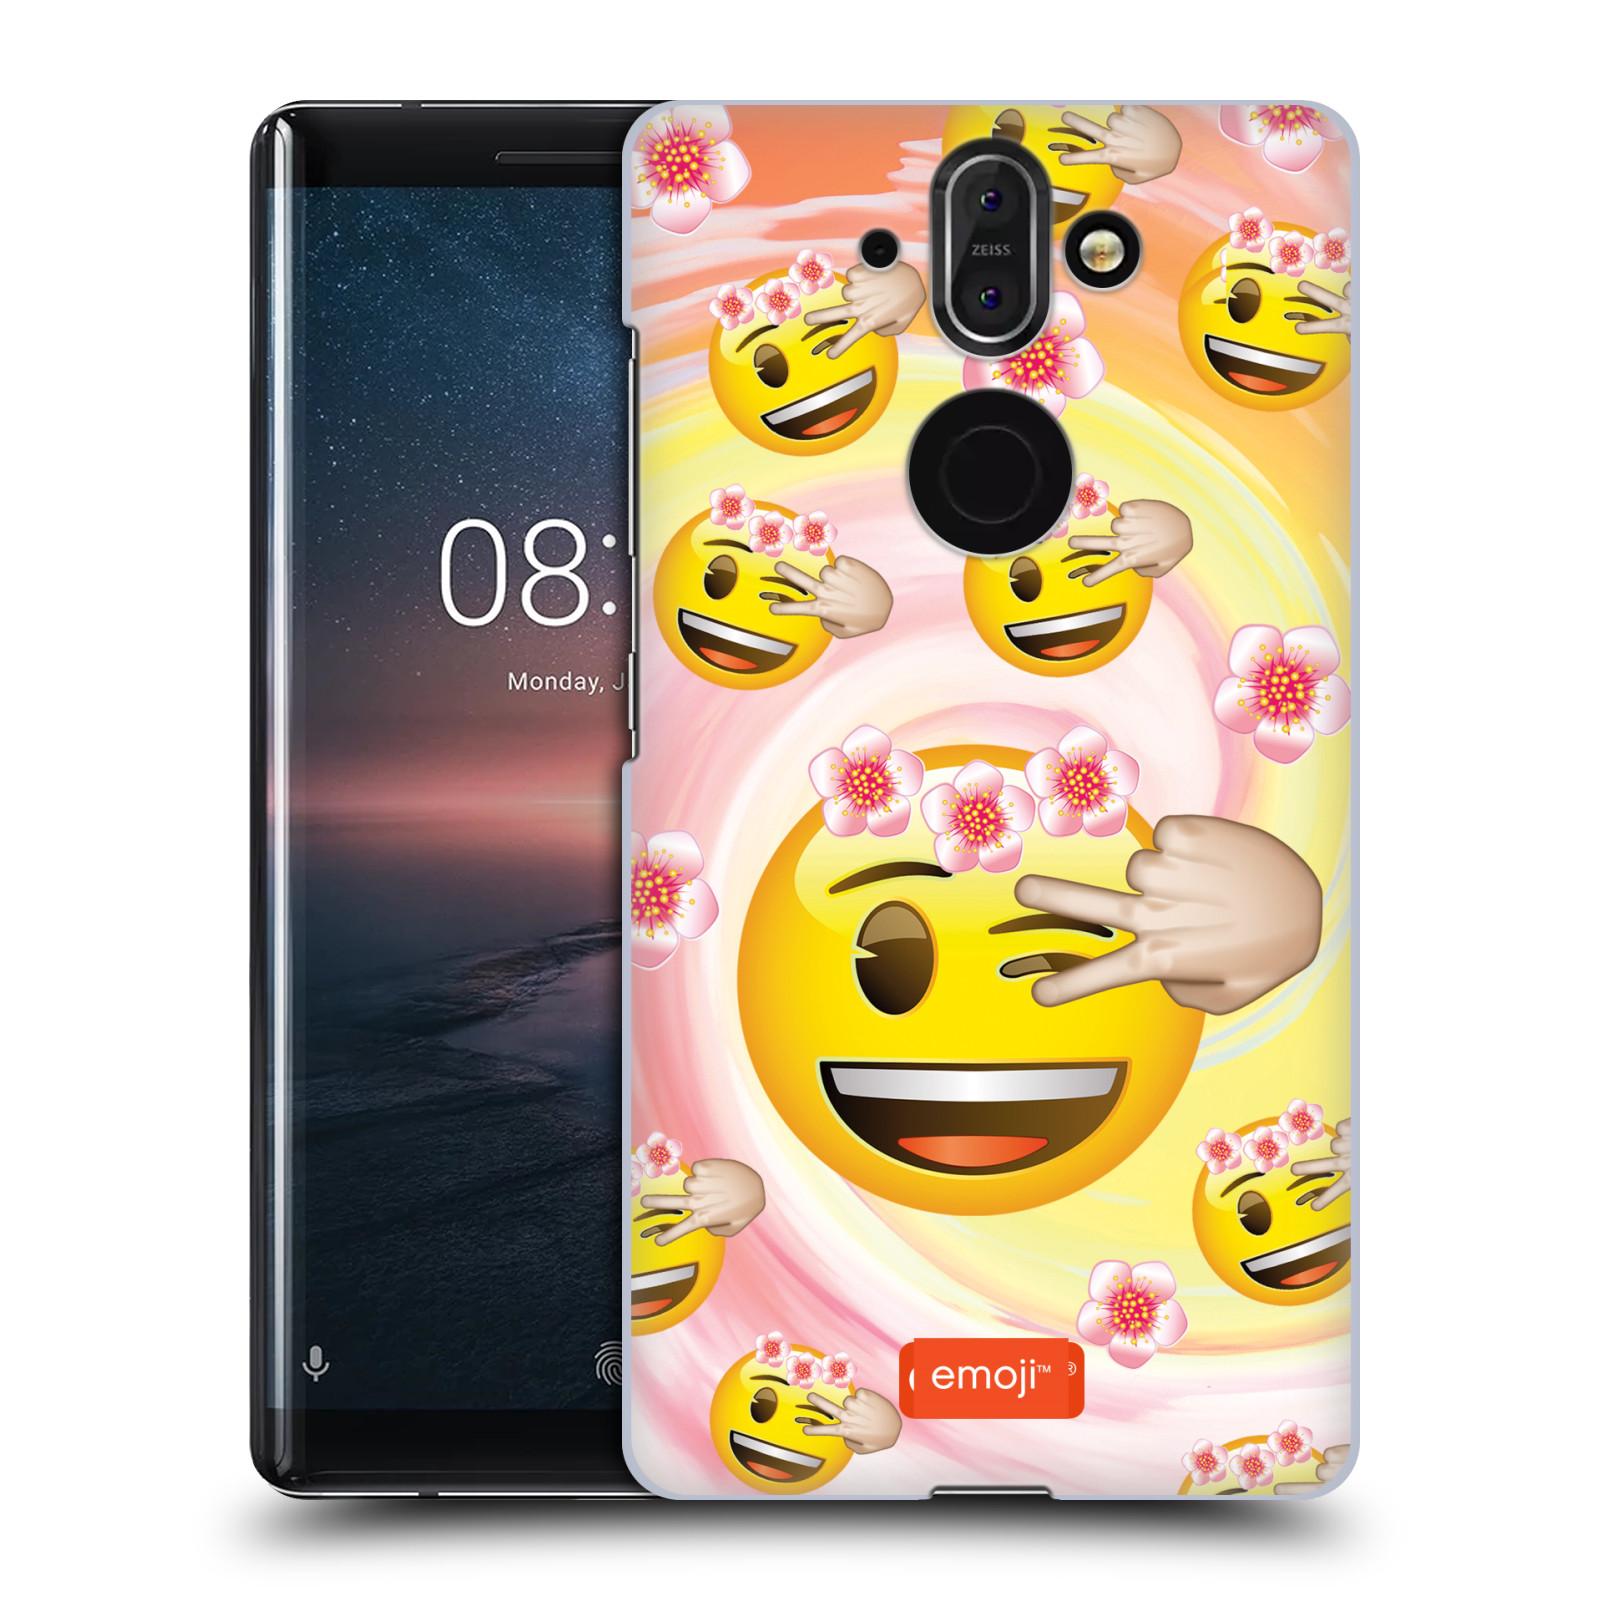 Plastové pouzdro na mobil Nokia 8 Sirocco - Head Case - EMOJI - Mrkající smajlíci a kytičky